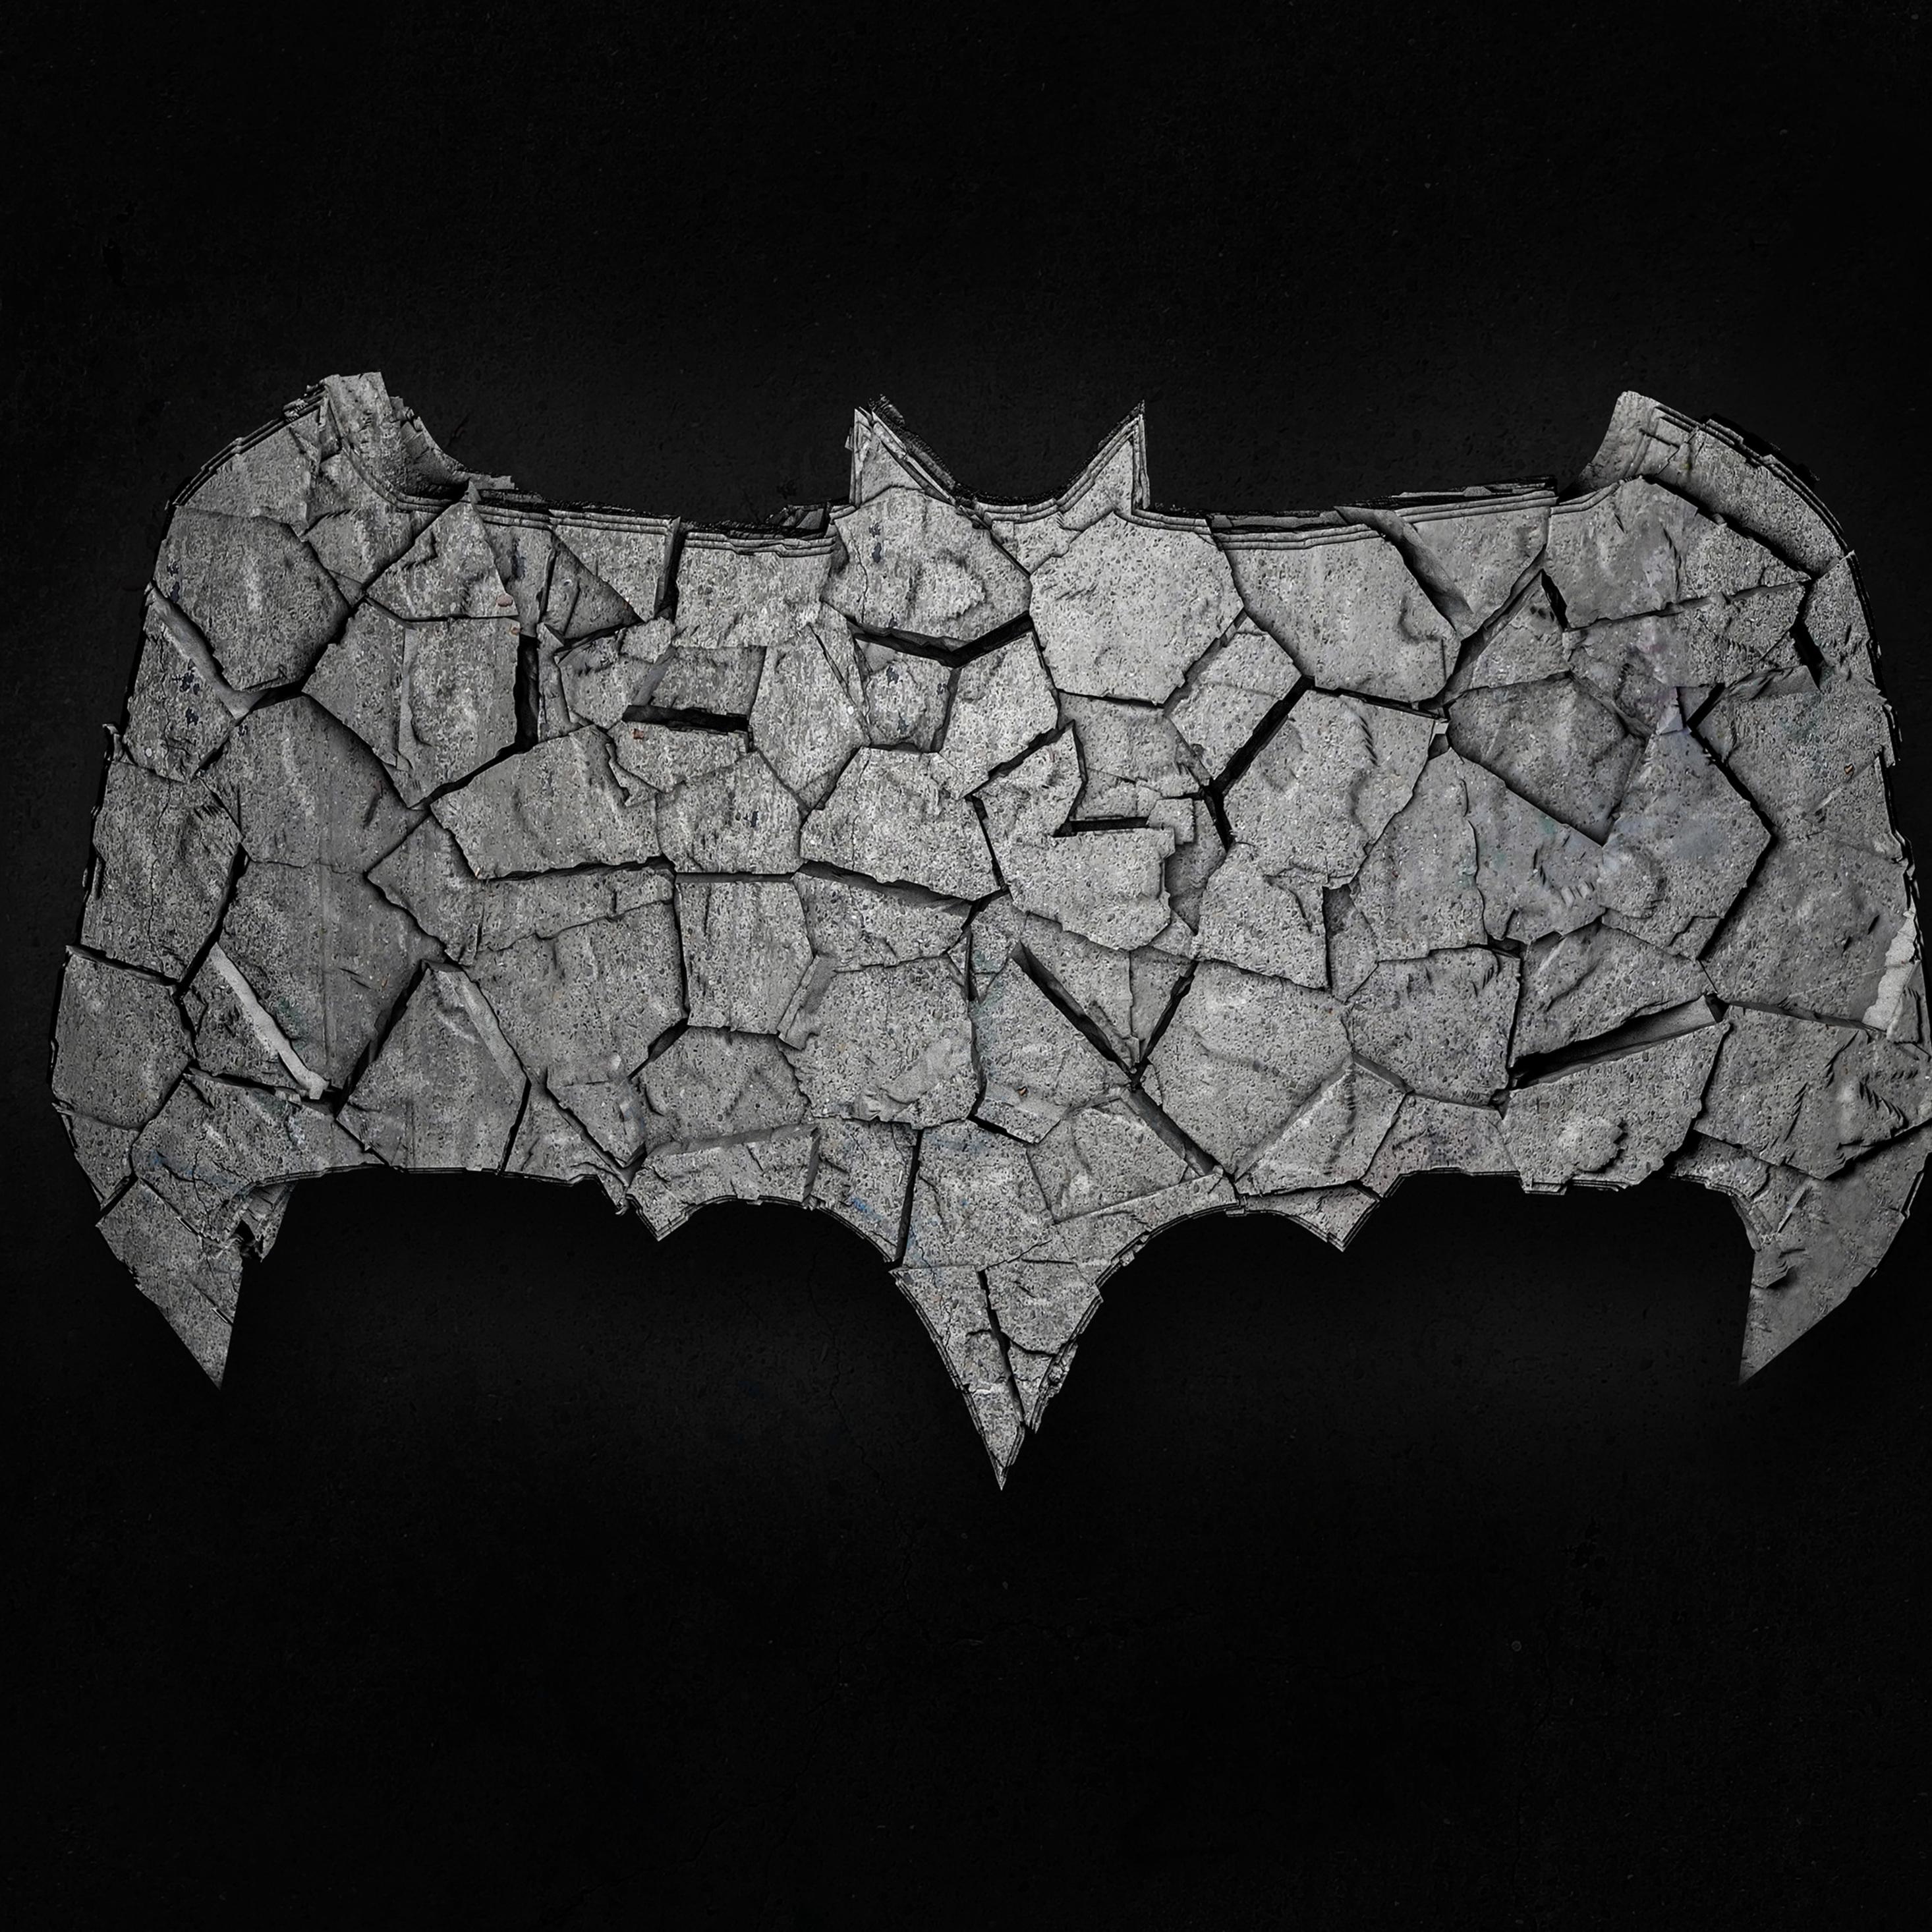 2932x2932 Batman Logo 3d Art 4k Ipad Pro Retina Display Hd